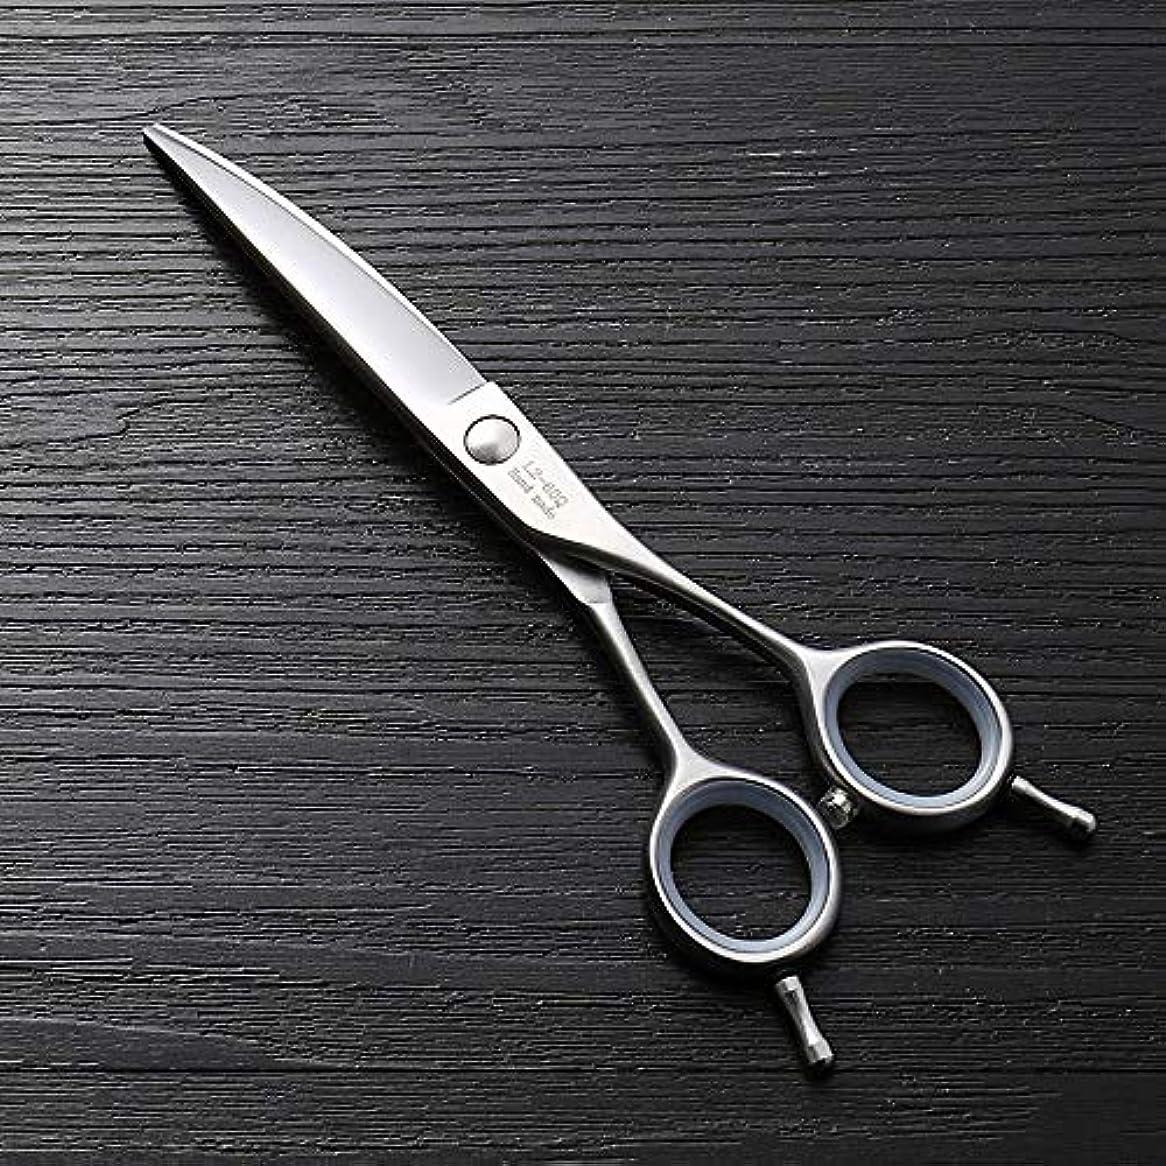 賃金建築フォーカスHairdressing トレンド新しい散髪はさみ、6インチワープカットフラット理髪ツールヘアカット鋏ステンレス理髪はさみ (色 : Silver)